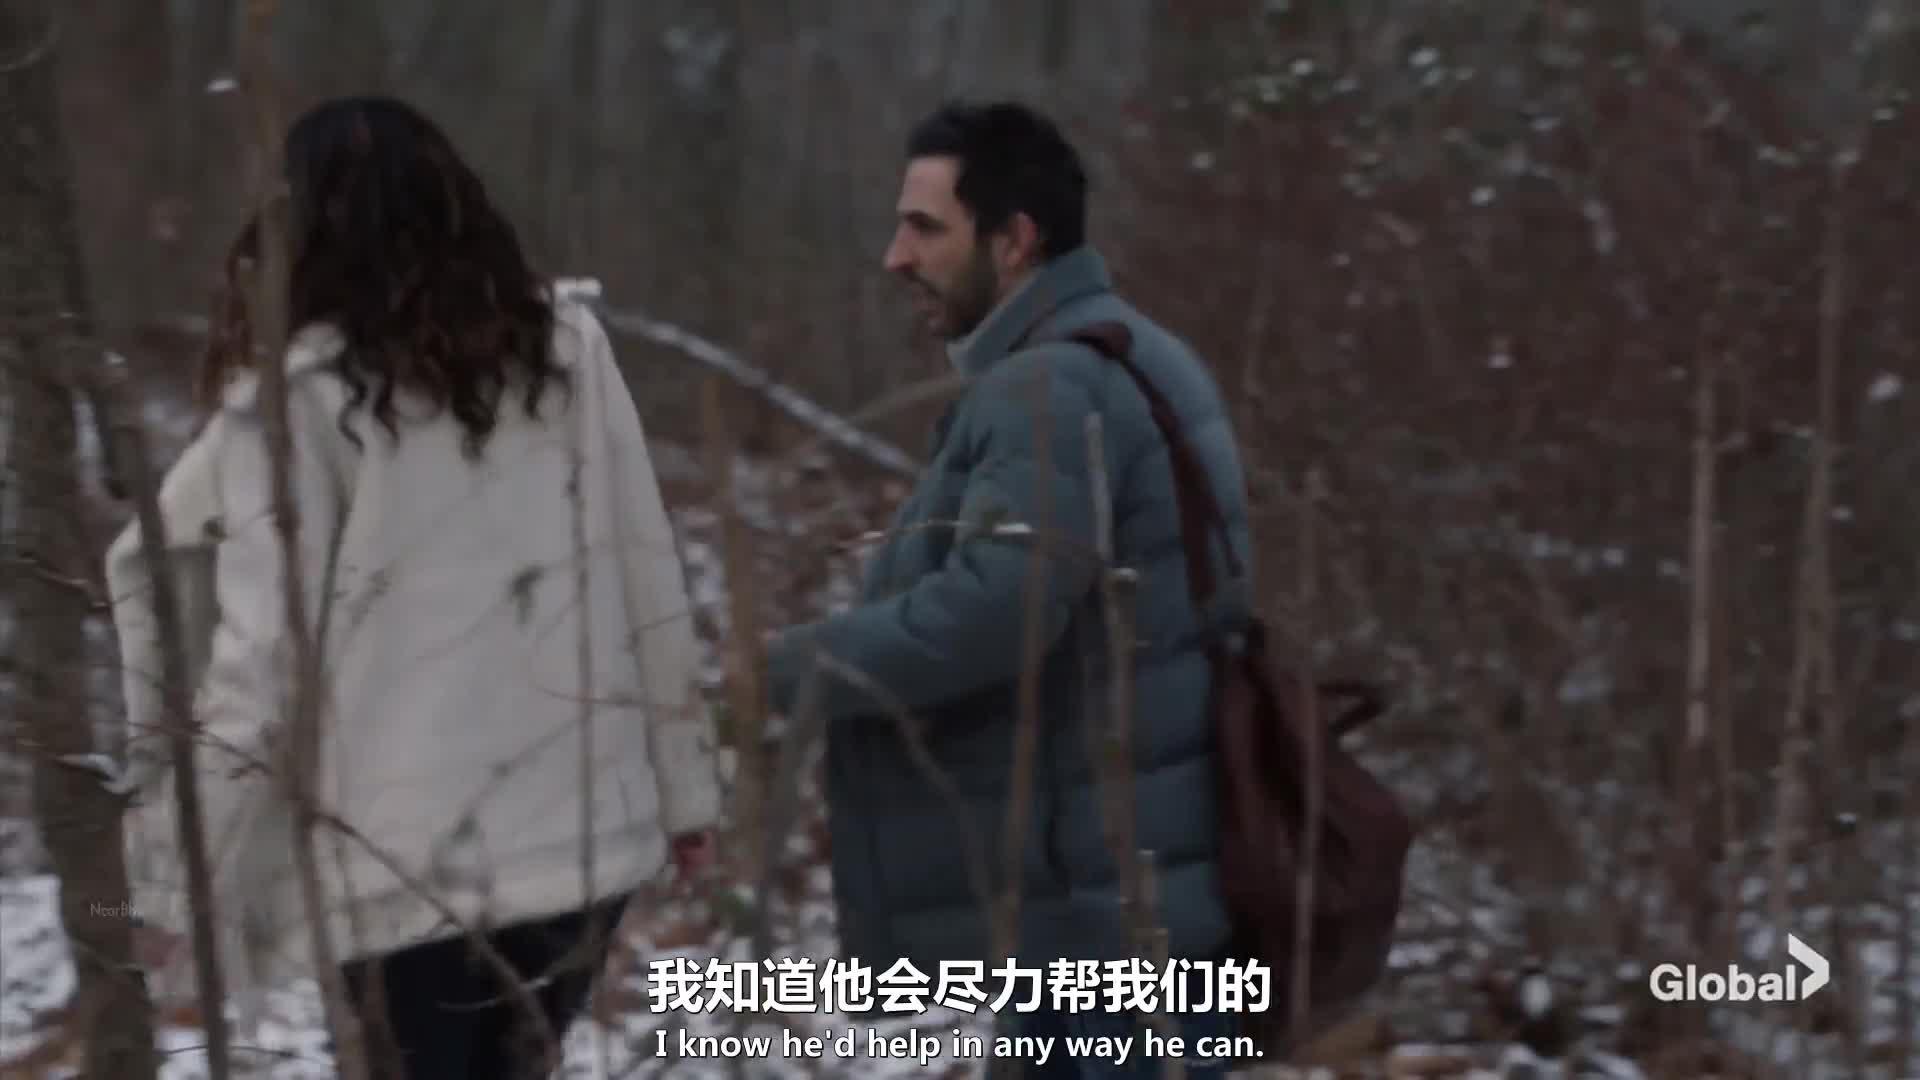 雨伞公司的杀手如附骨之疽,阿兰姆不愿在这种时候独自逃生